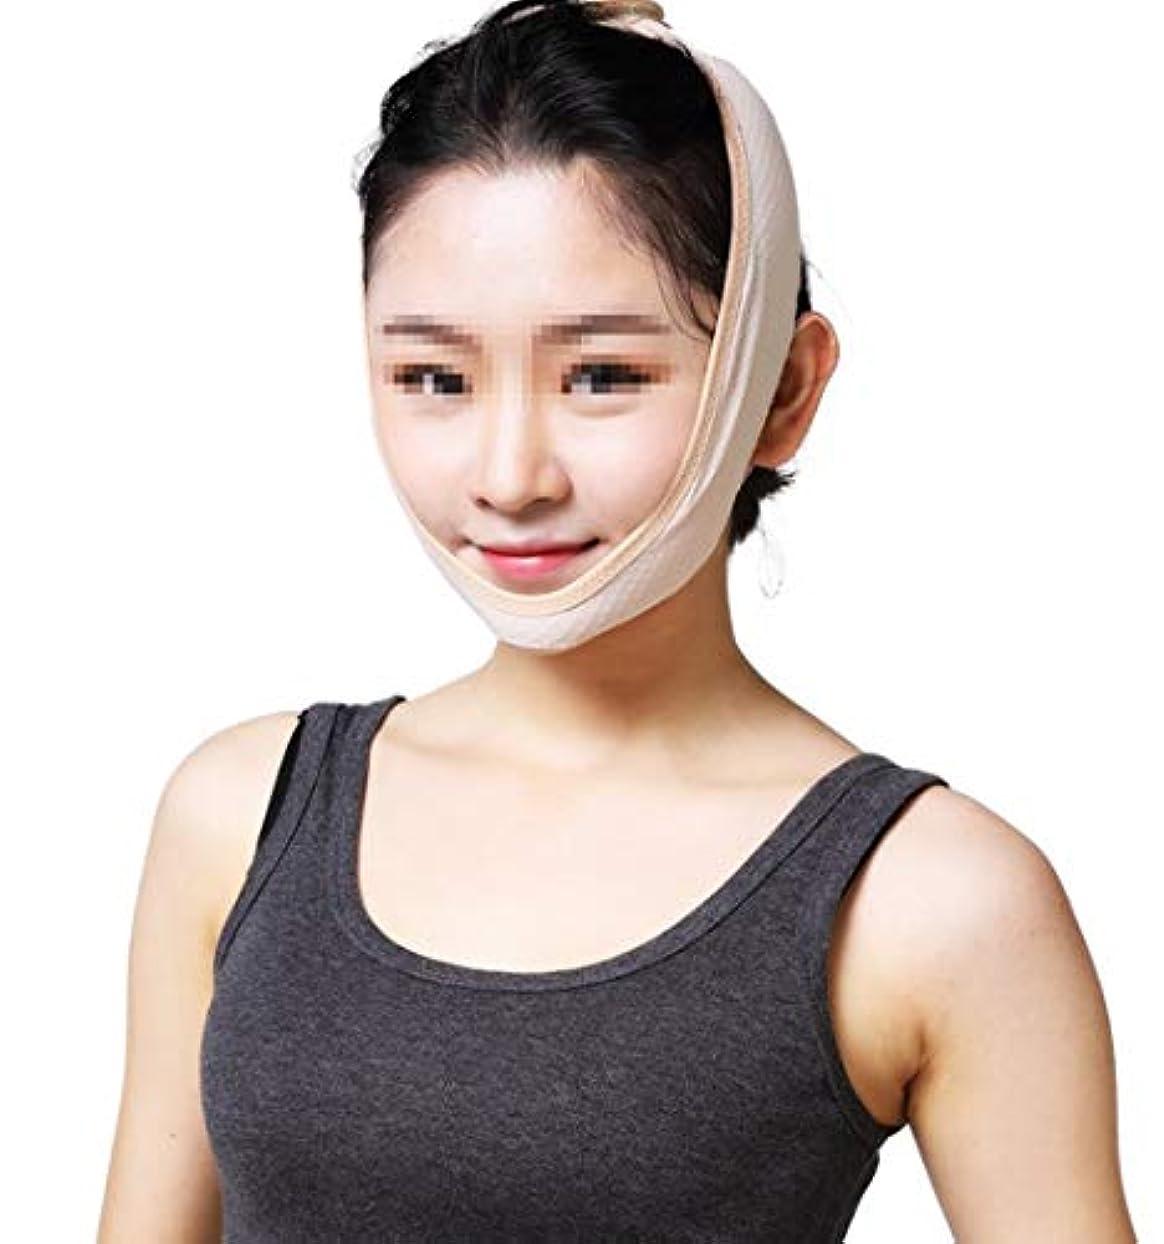 高層ビルソファー私たち顔を持ち上げる包帯、口を開けて眠るのを防ぐための女性の通気性いびきベルトいびきアーチファクト抗あご転位矯正包帯いびき装置